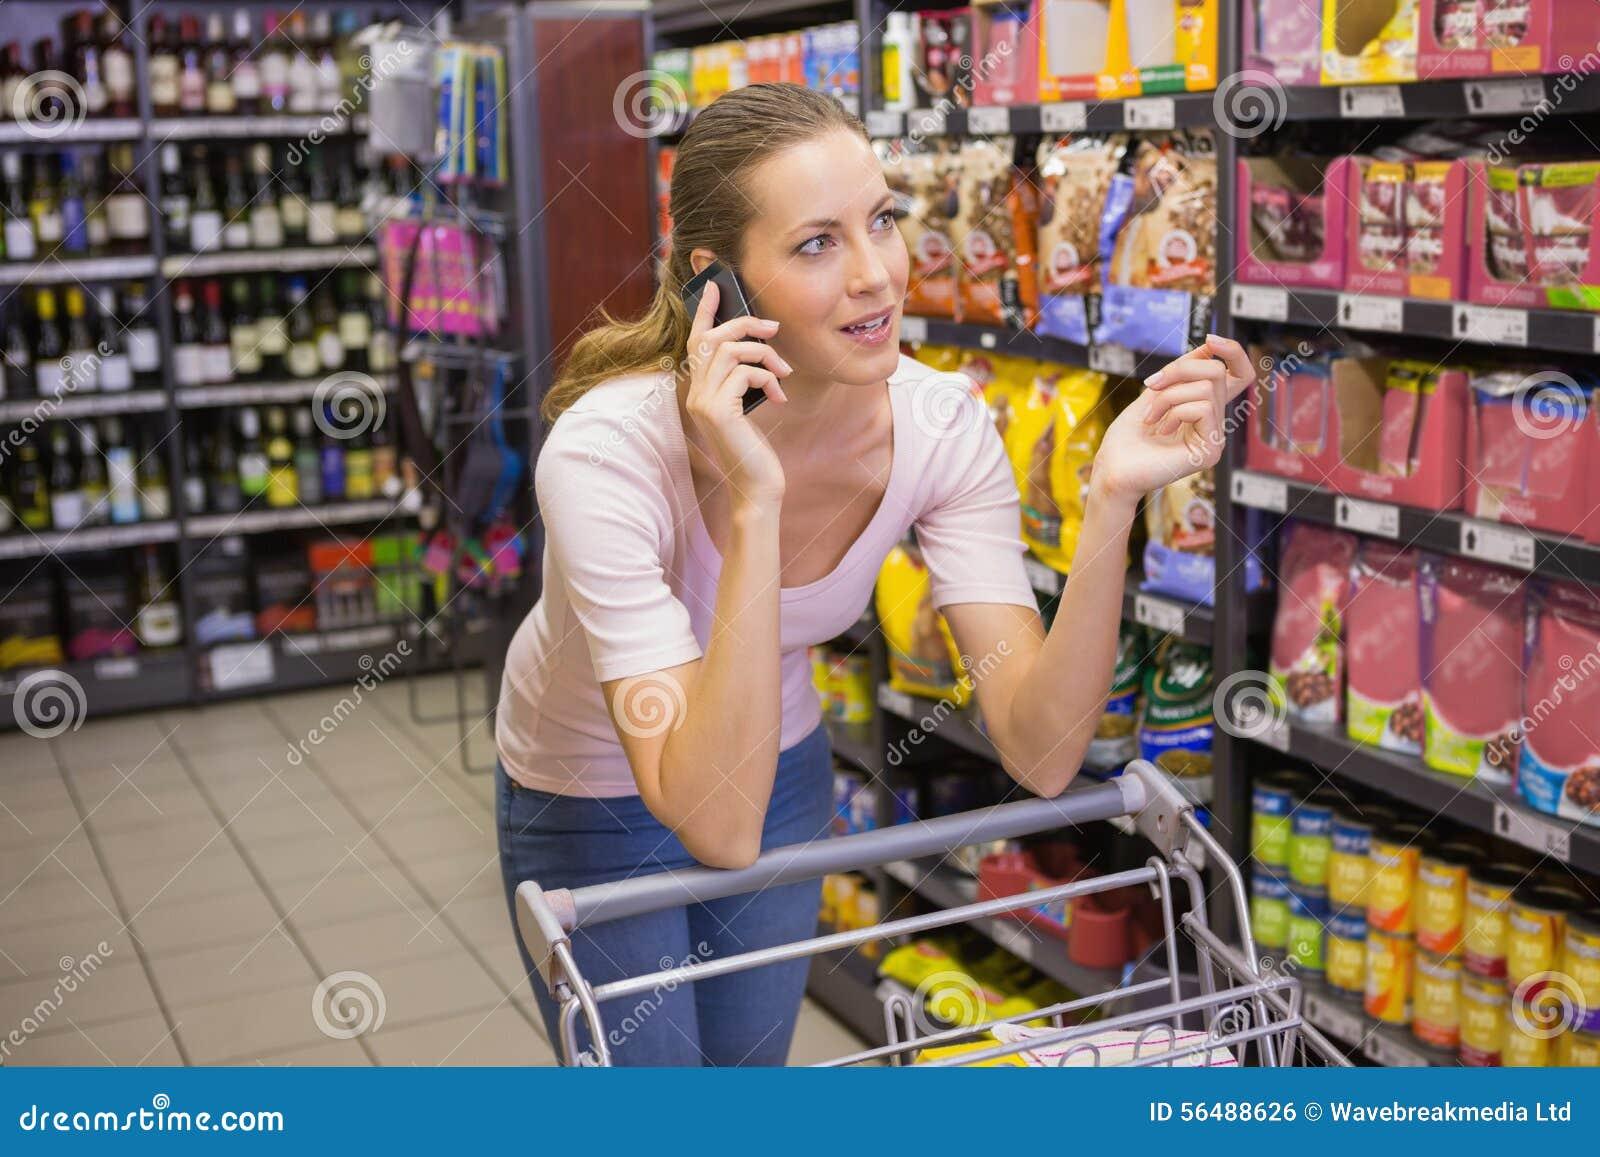 Jolie femme ayant l appel téléphonique et poussant le chariot